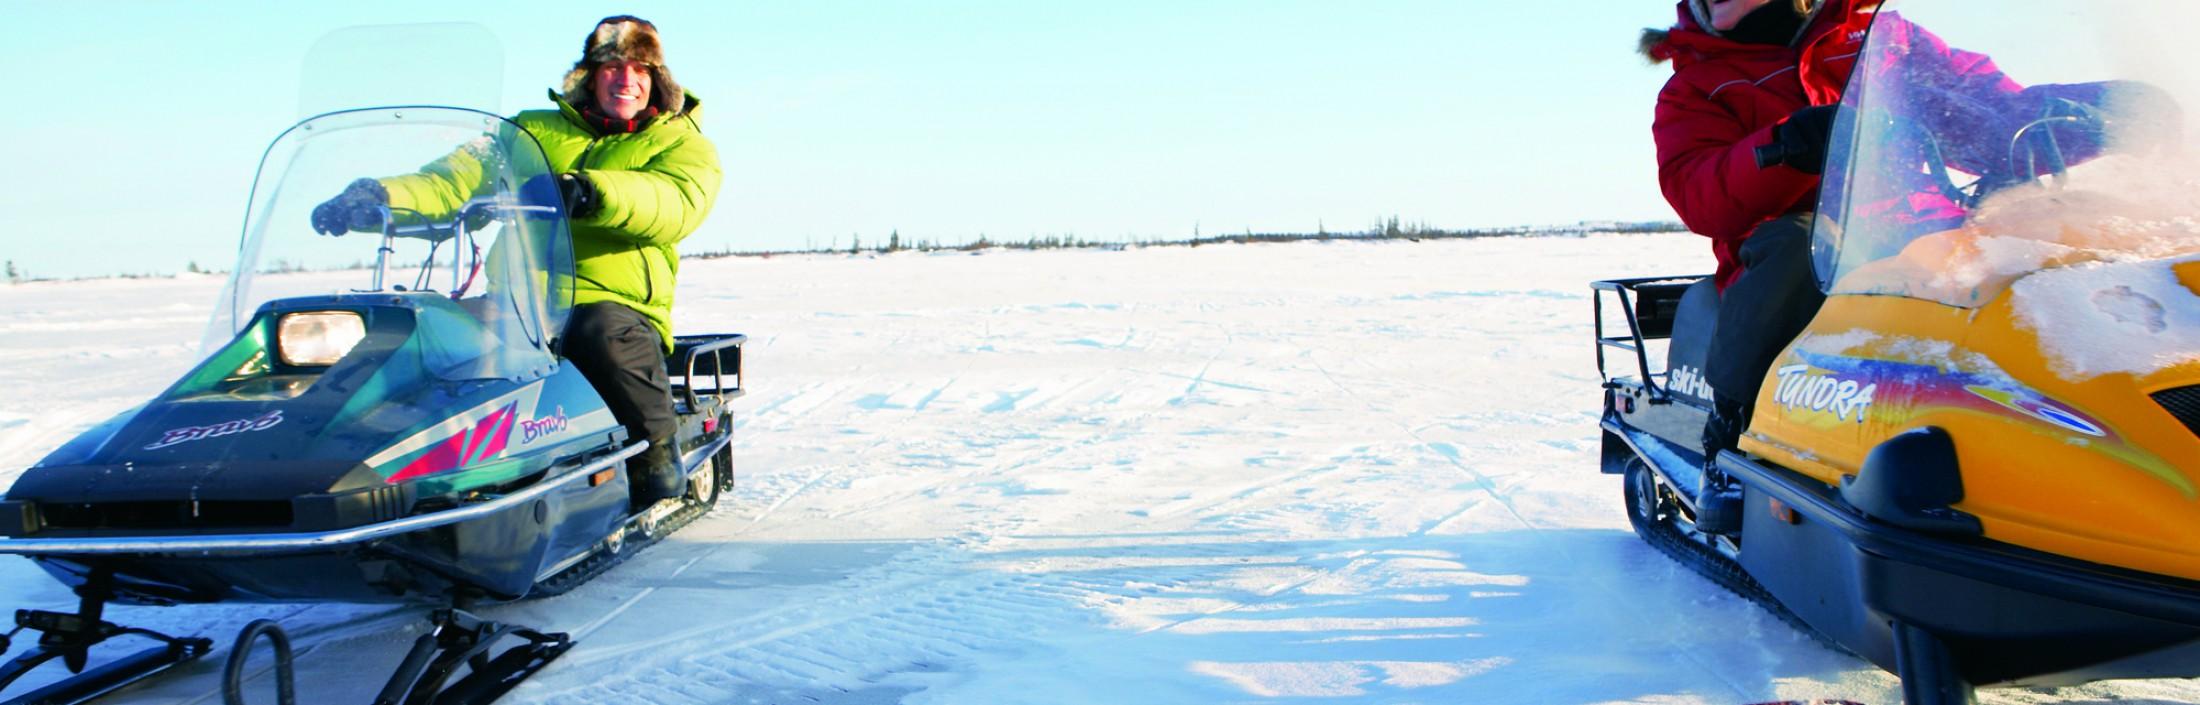 Kriski 100% Sneeuw